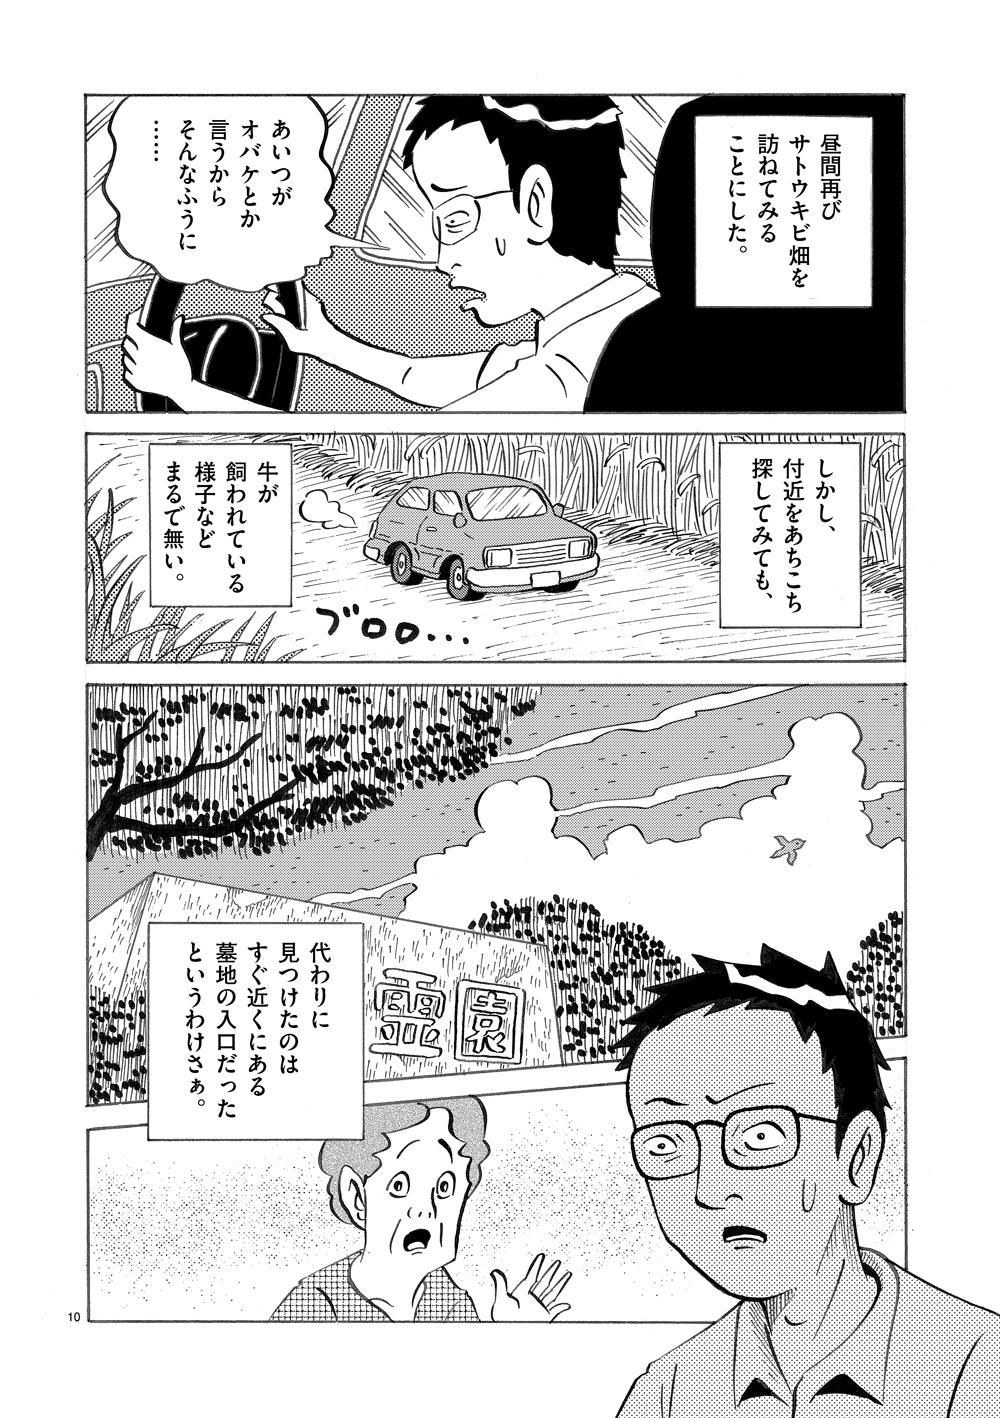 琉球怪談 【第7話】WEB掲載10ページ目画像